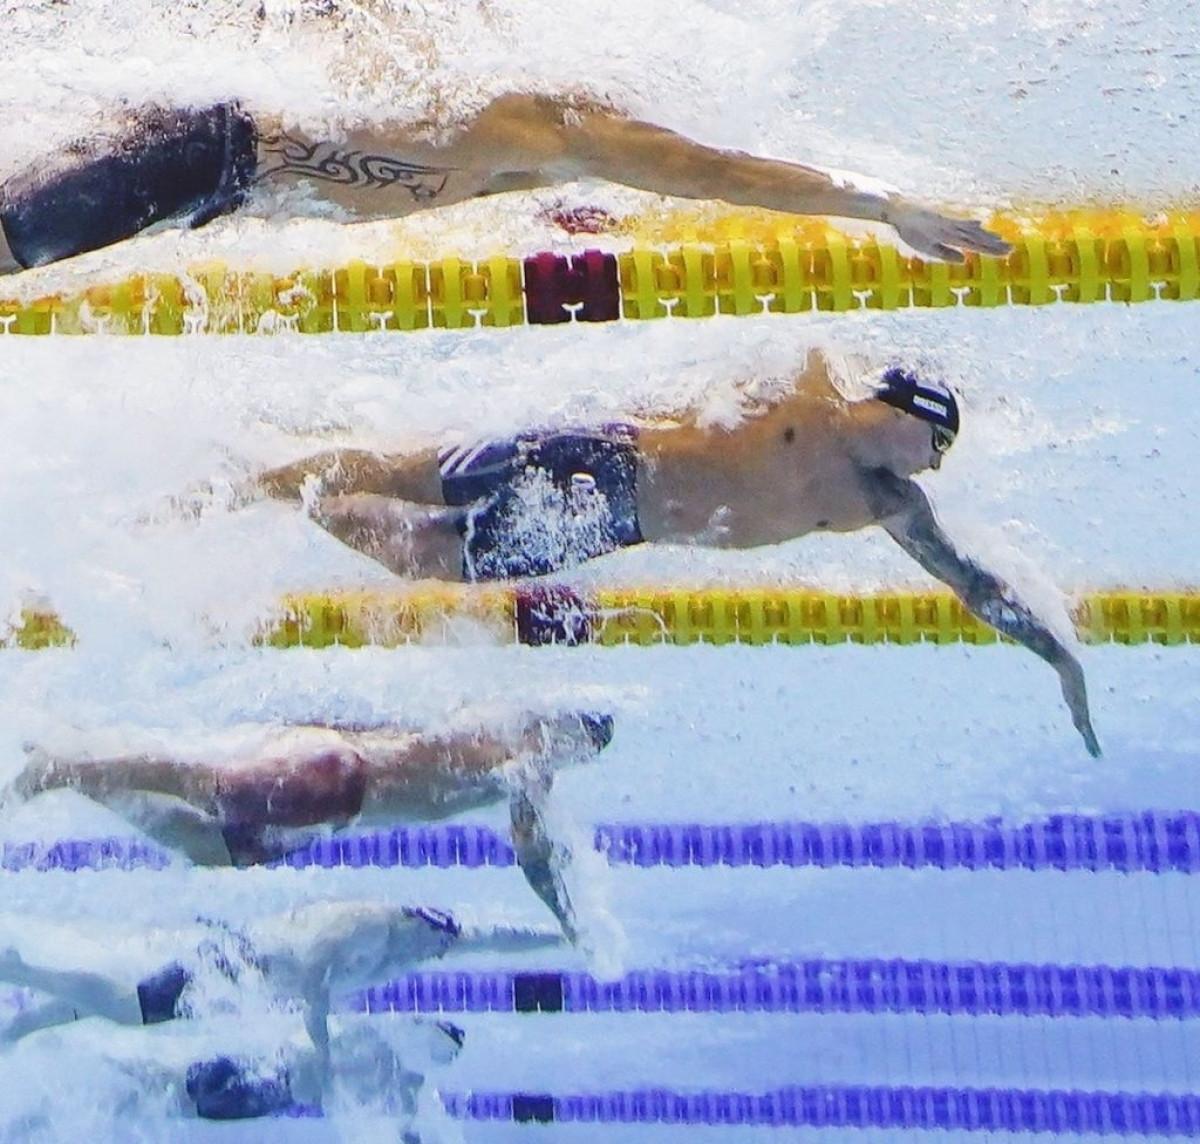 Trong ngày thi đấu hôm nay, kình ngư Caeleb Dressel tiếp tục cho thấy đẳng cấp của mình ở đường đua xanh khi giành thêm 3 HCV ở nội dung 50m bơi tự do nam và 4x100m tiếp sức hỗn hợp nam.